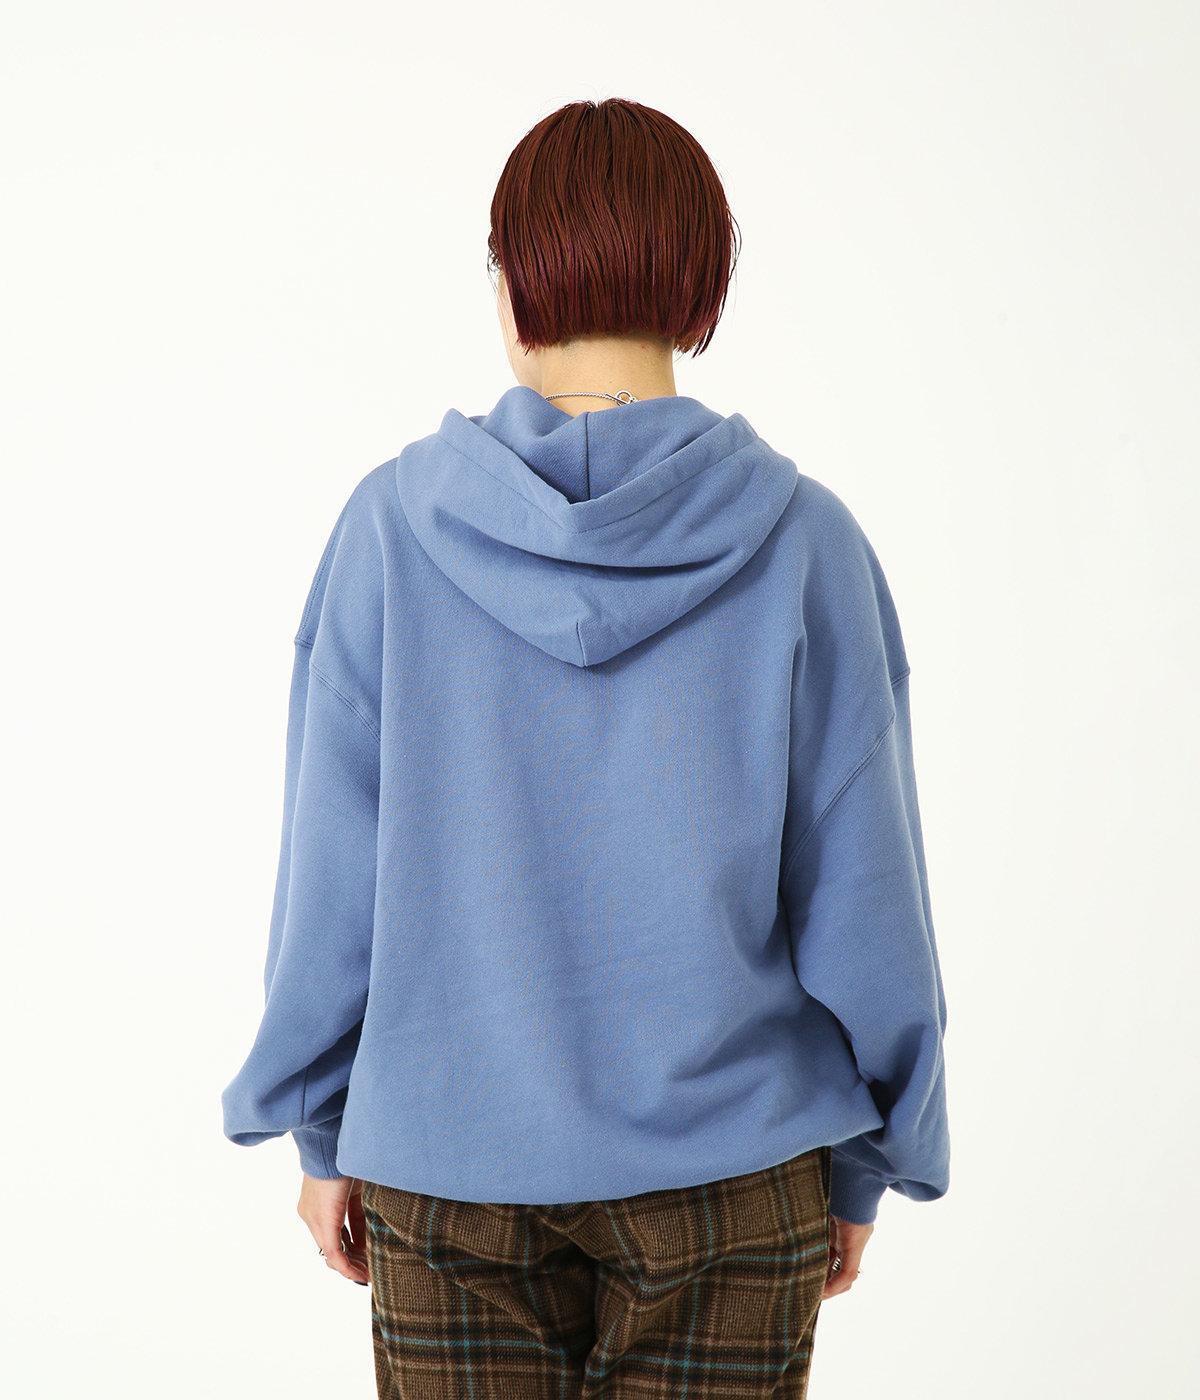 【ブルー】NARUMI ( 158cm ):M